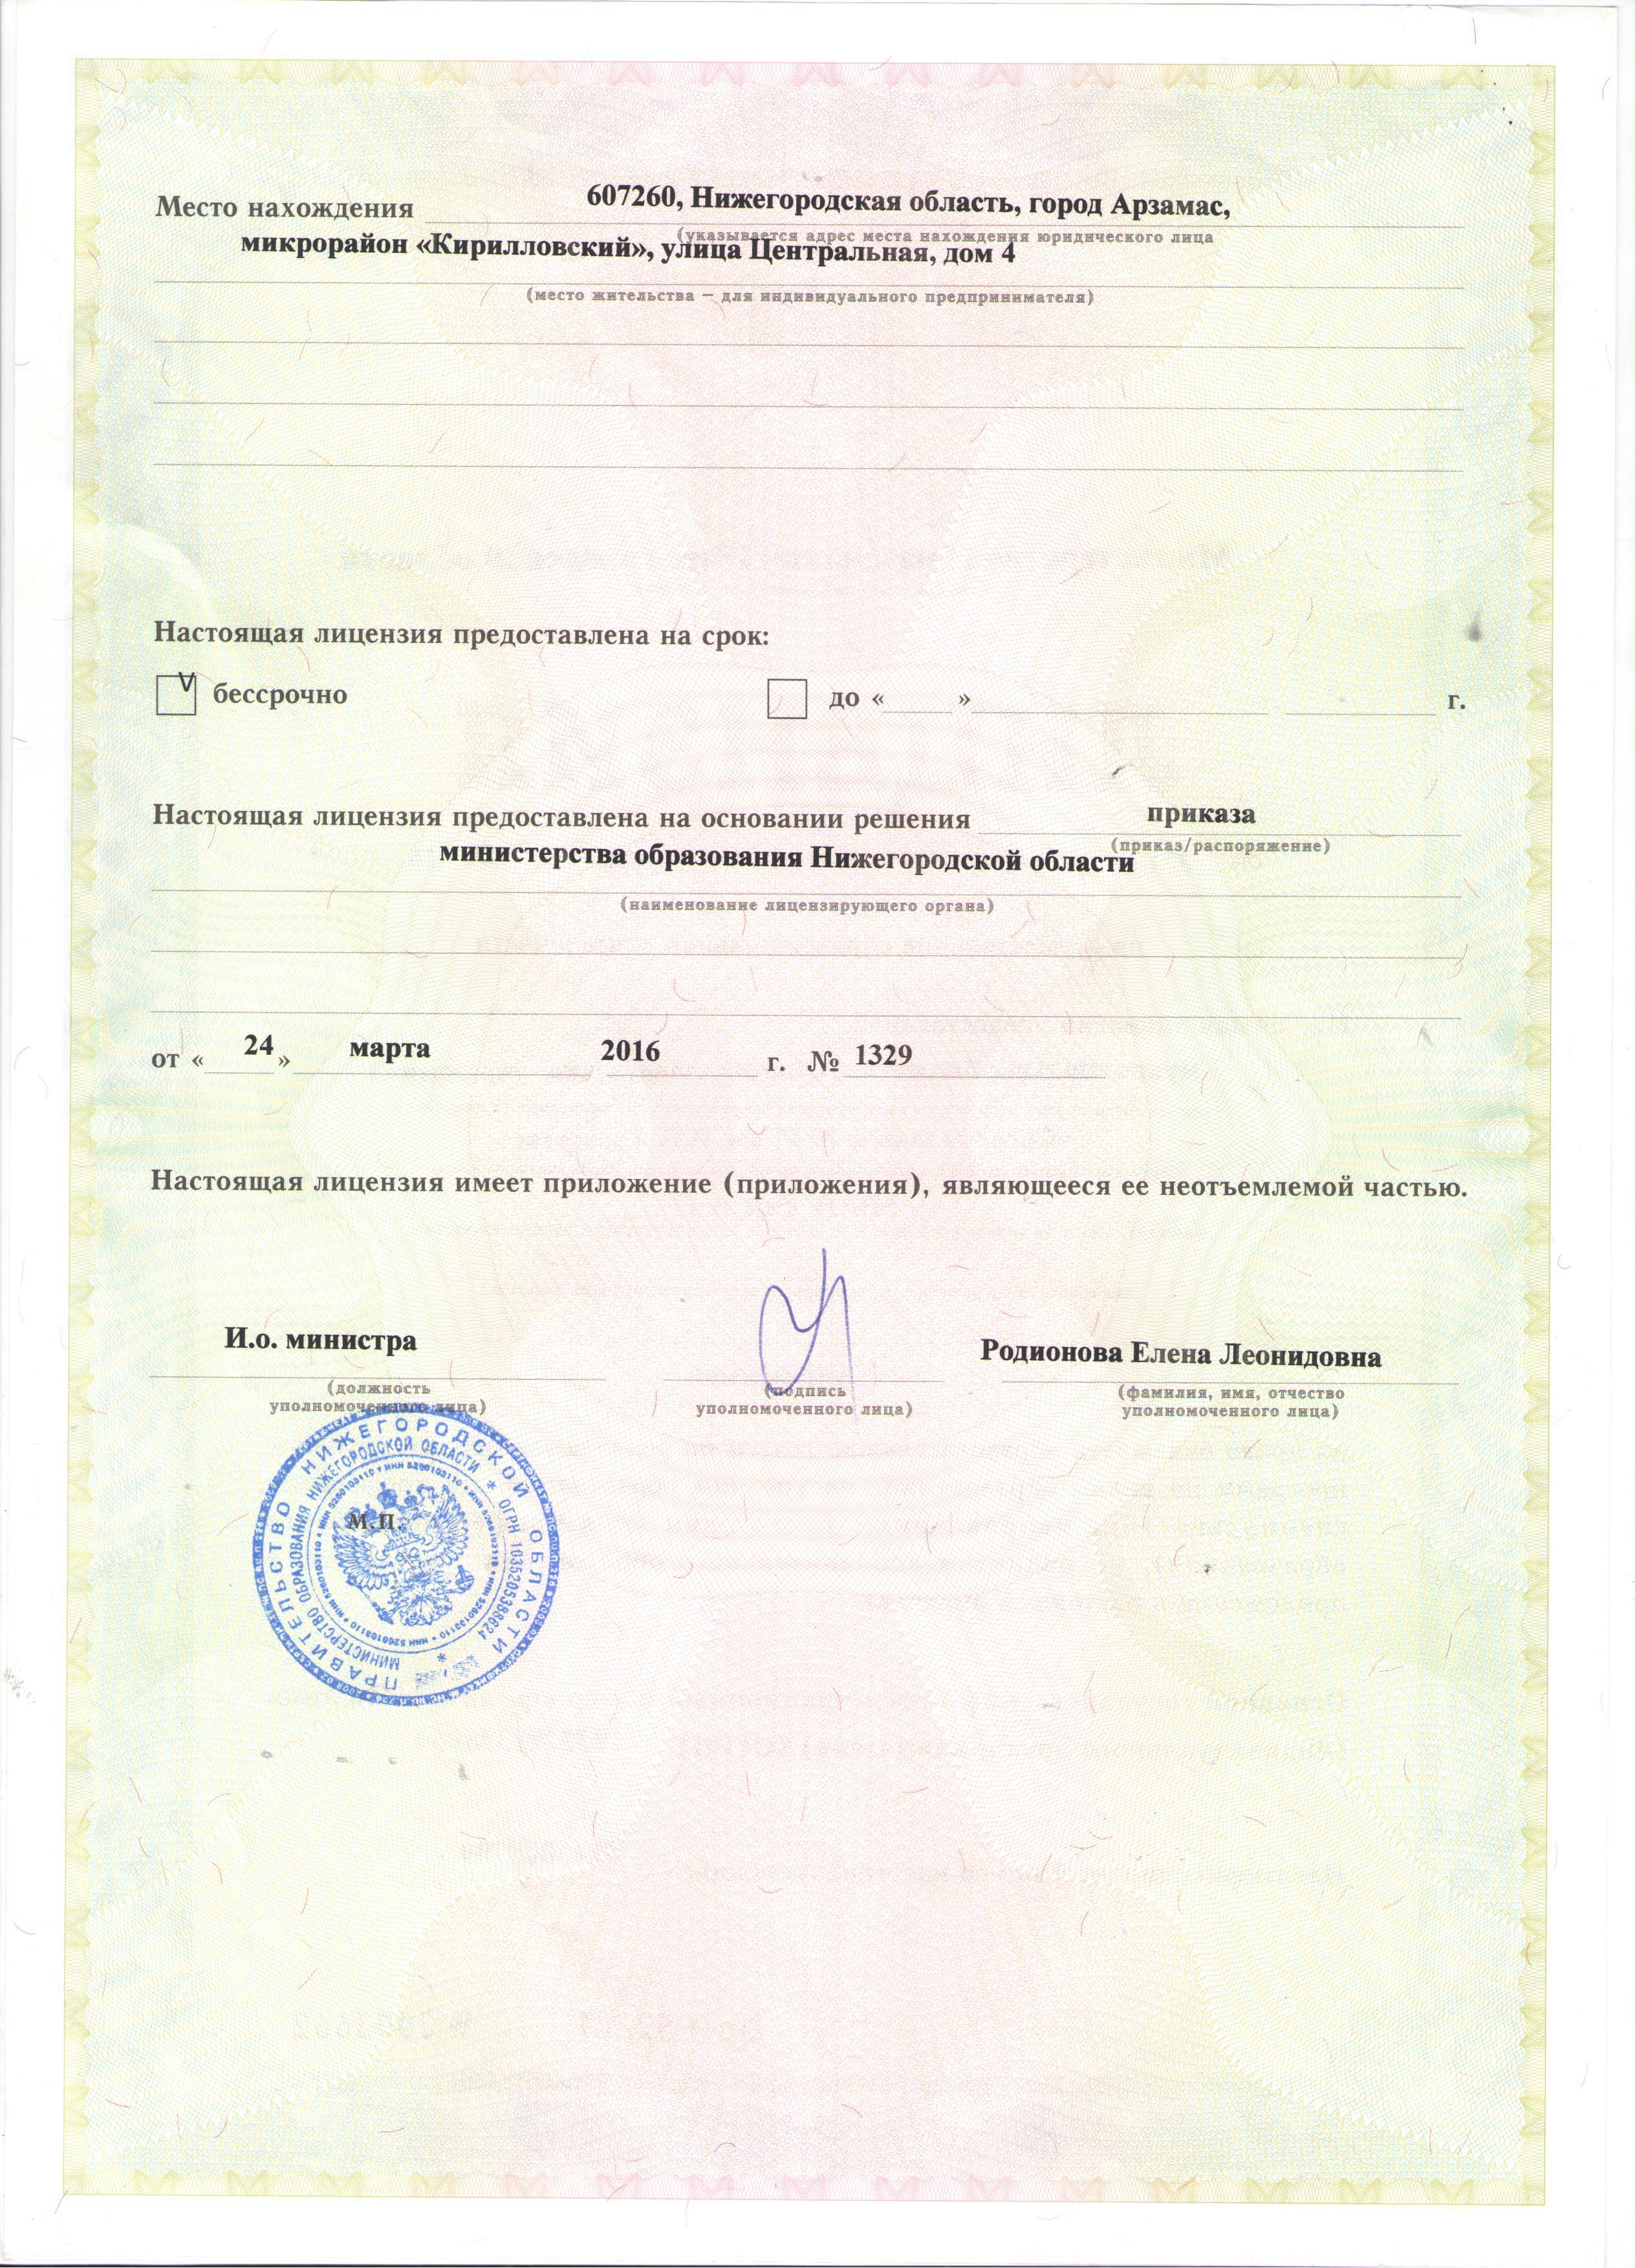 http://shkola17arzamas.ucoz.ru/2/4.jpeg